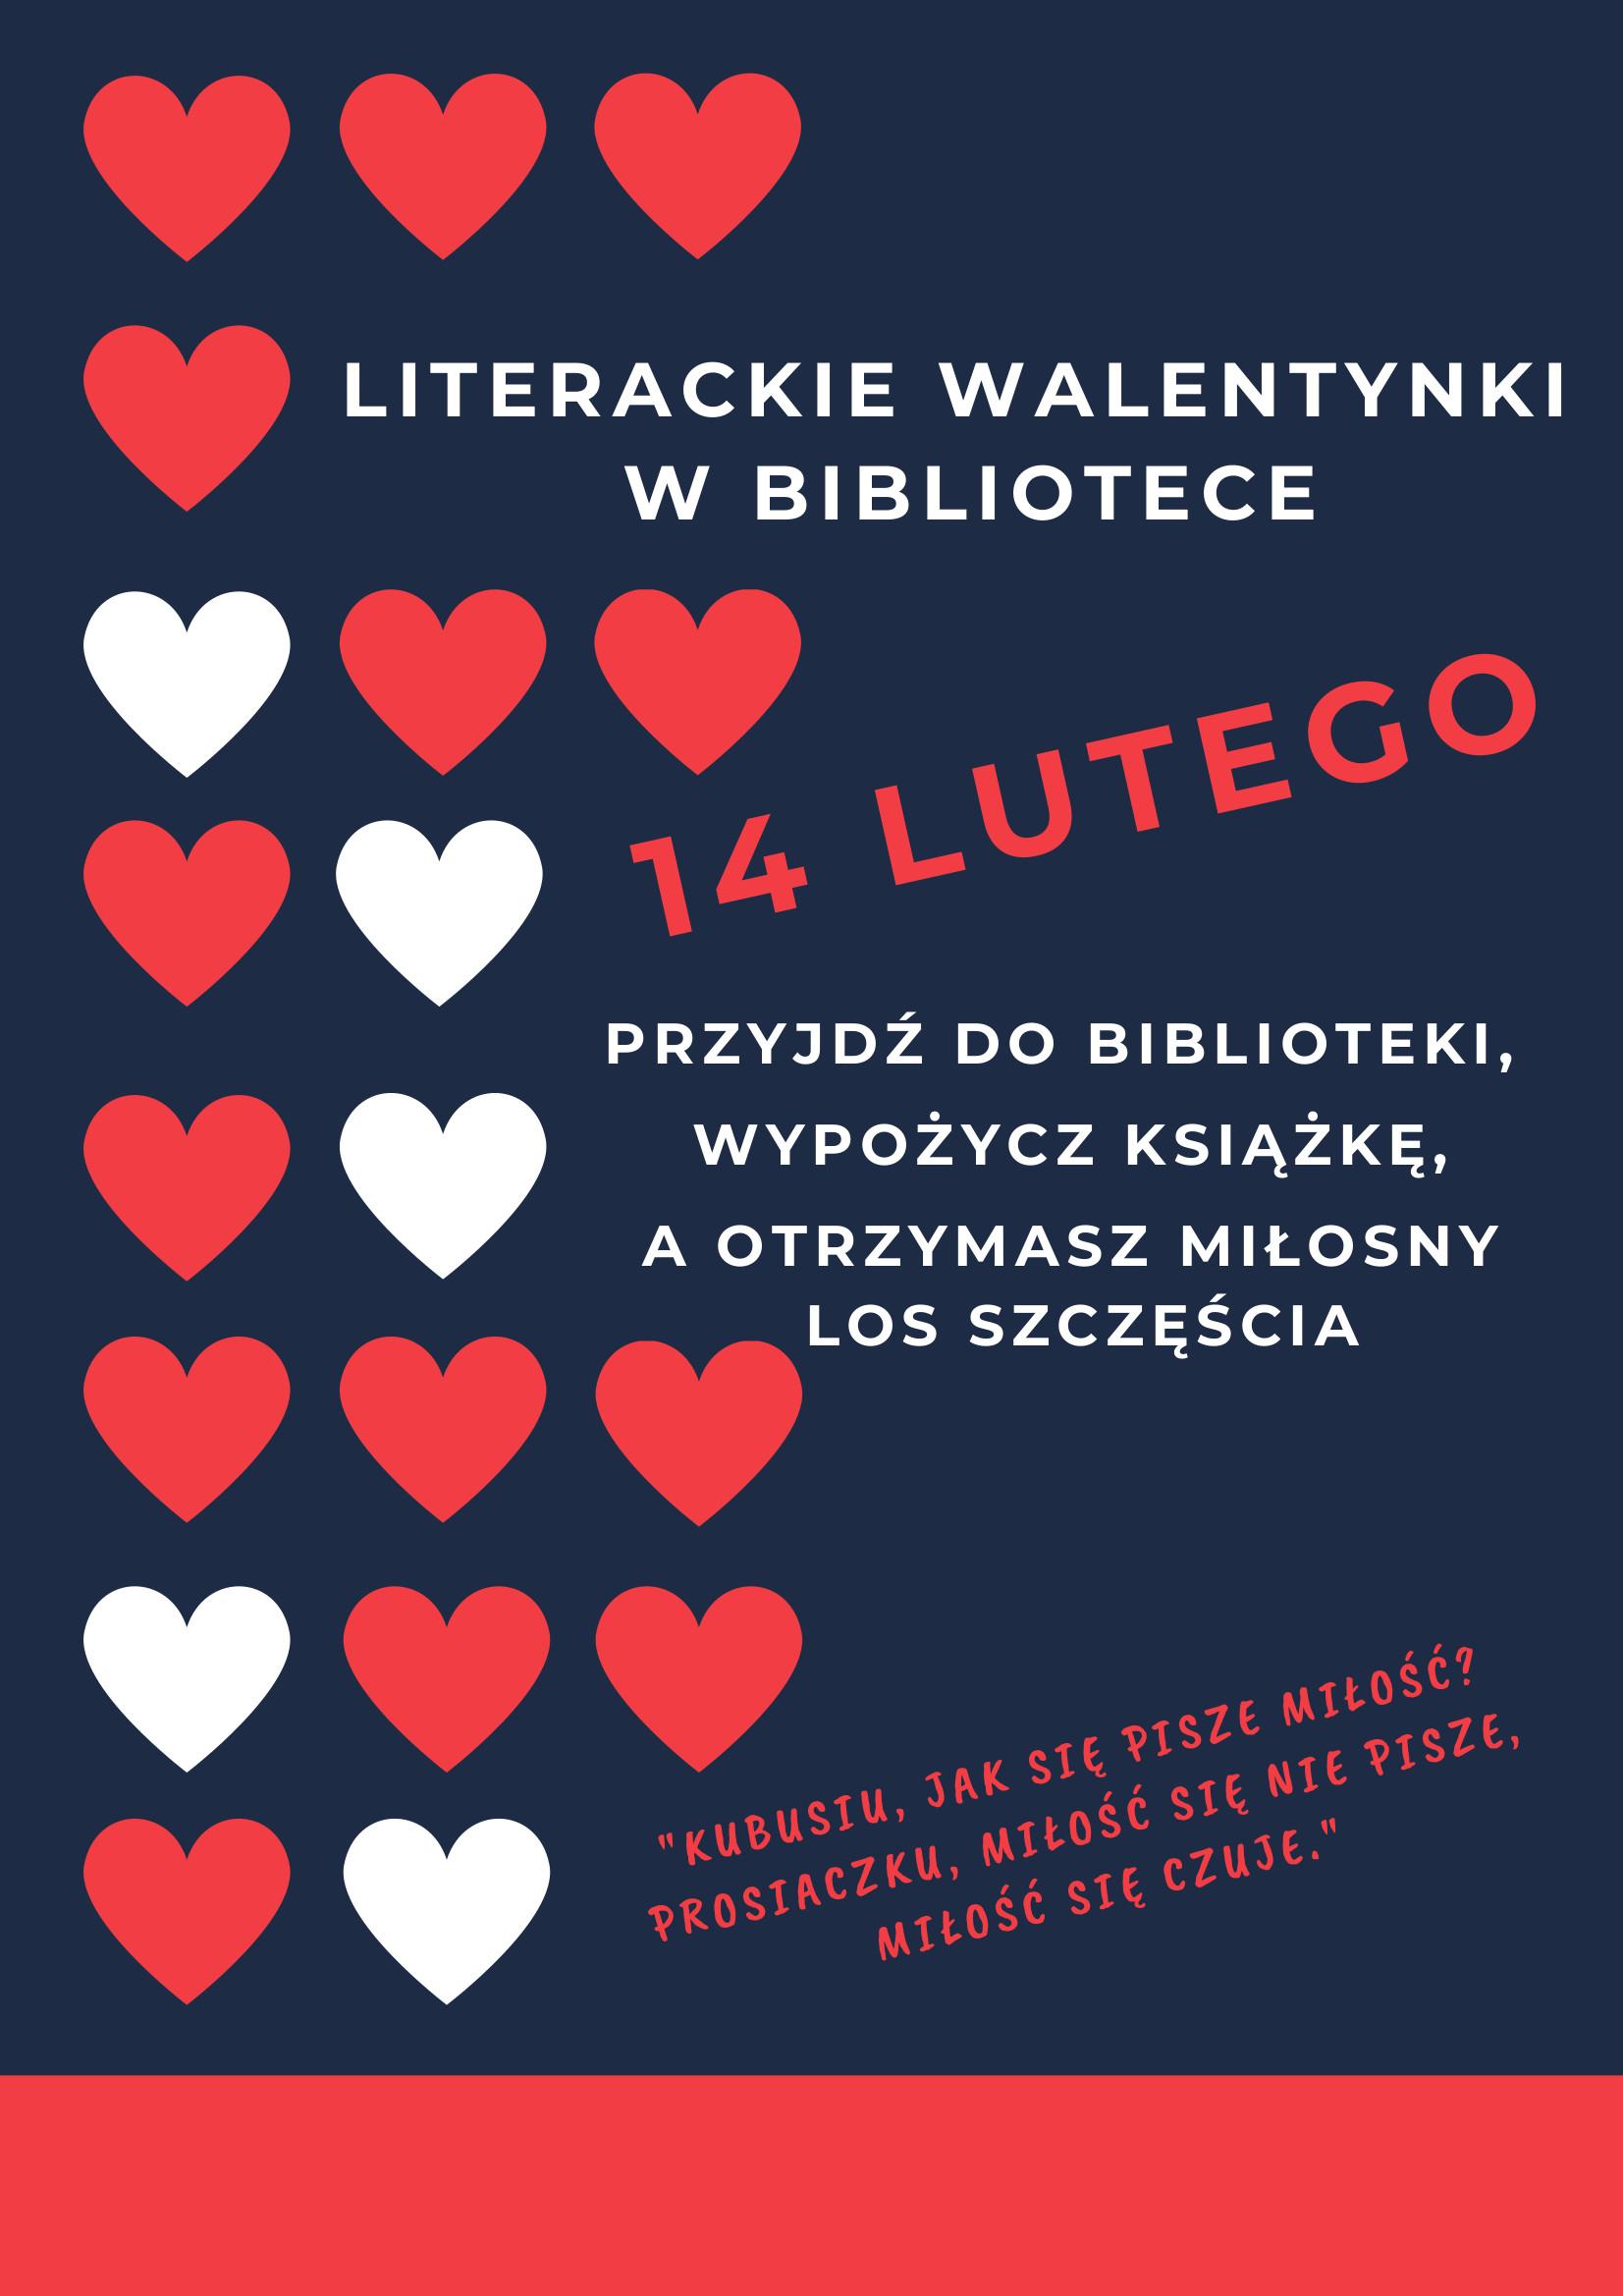 walentynki-w-bibliotece-plakat.jpg